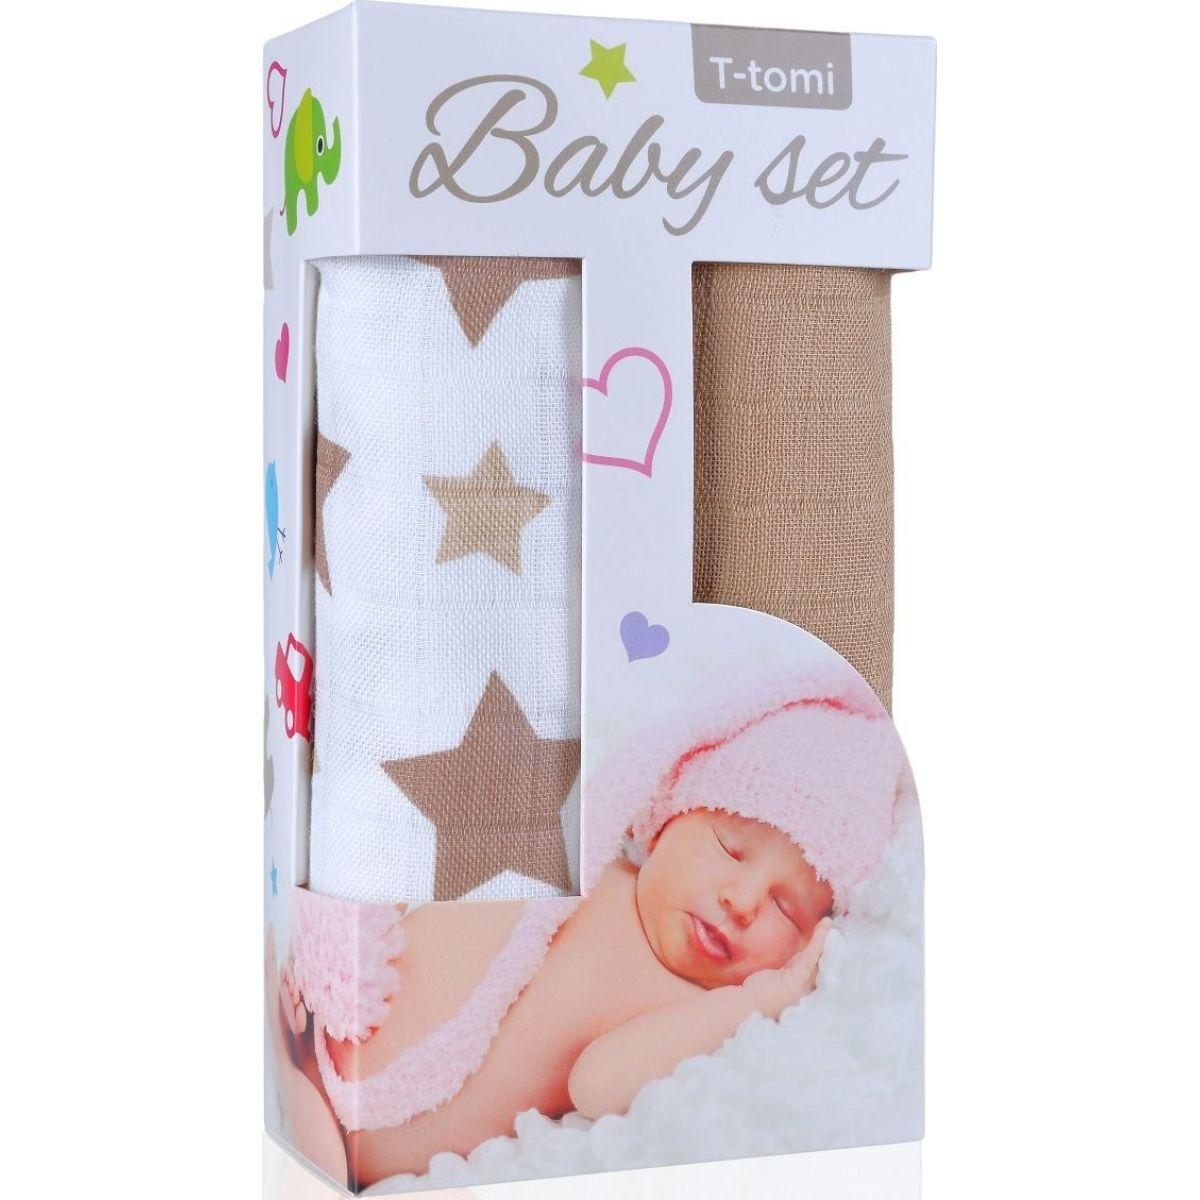 T-tomi Baby set béžové hvězdičky a Bambusová osuška béžová